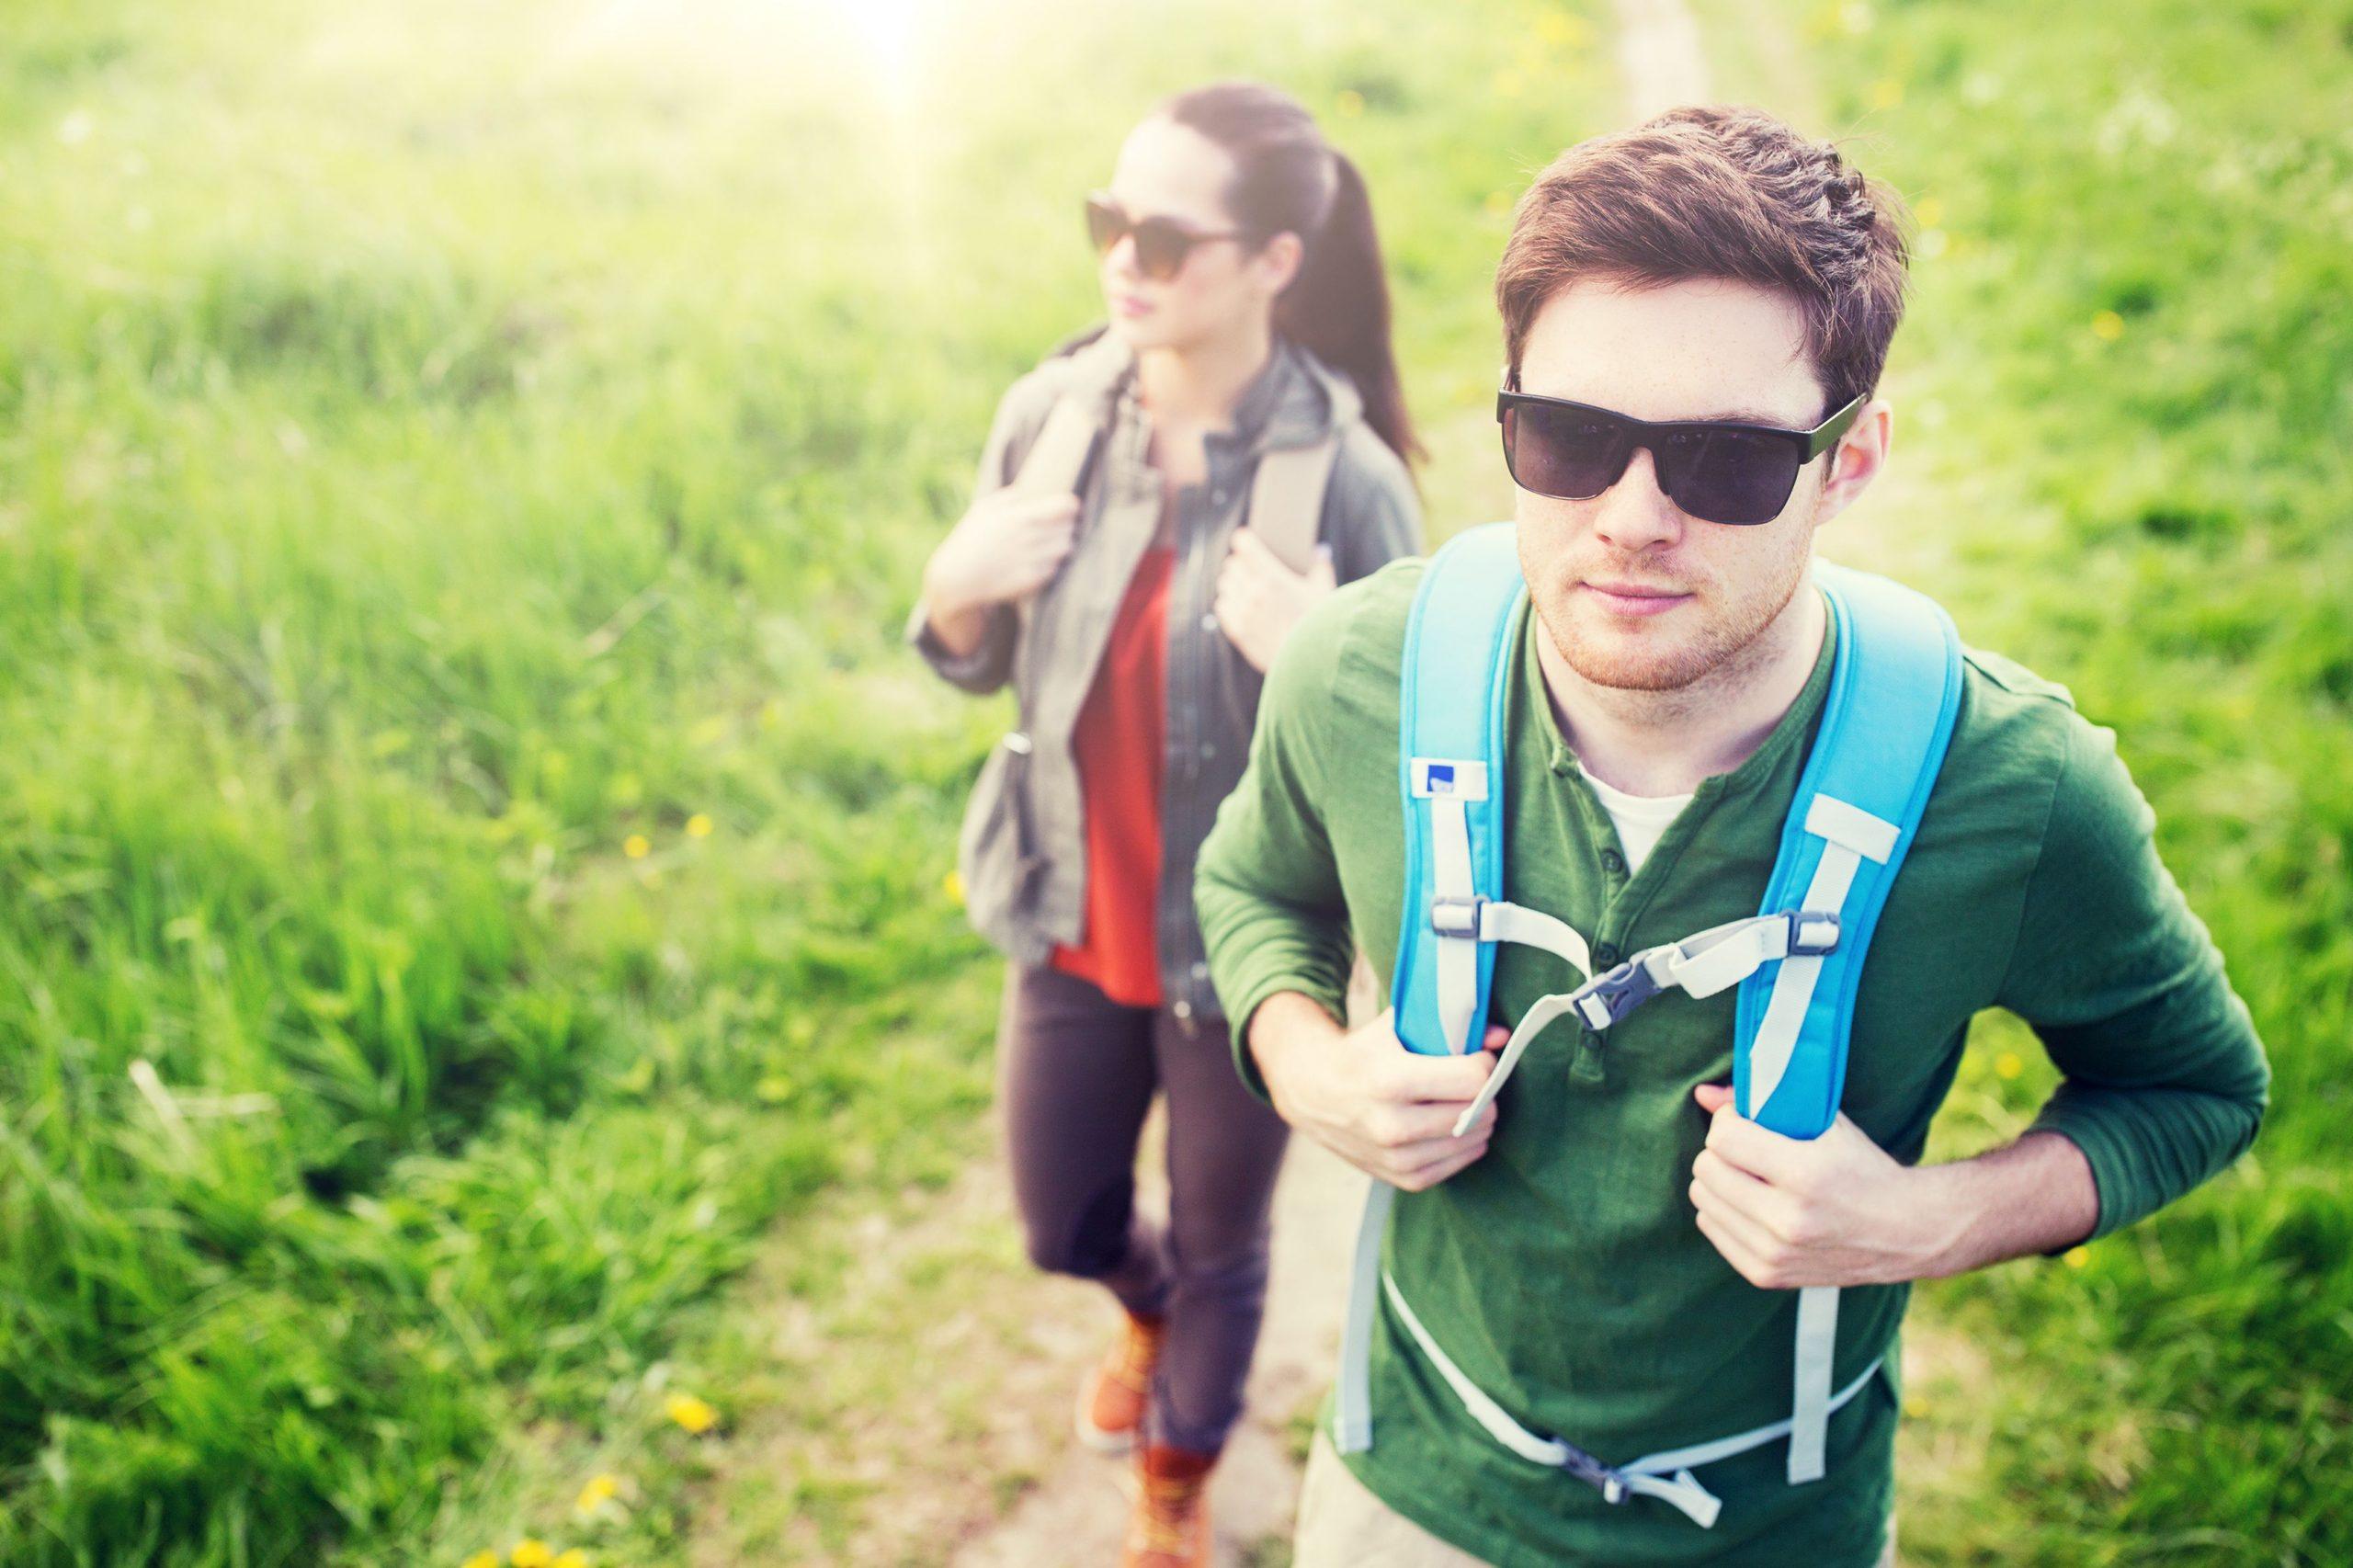 Vestjylland skal have en mere indarbejdet vandrerrute, en mini-Camino, lyder det. Foto fremsendt af Ringkøbing-Skjern Kommune.